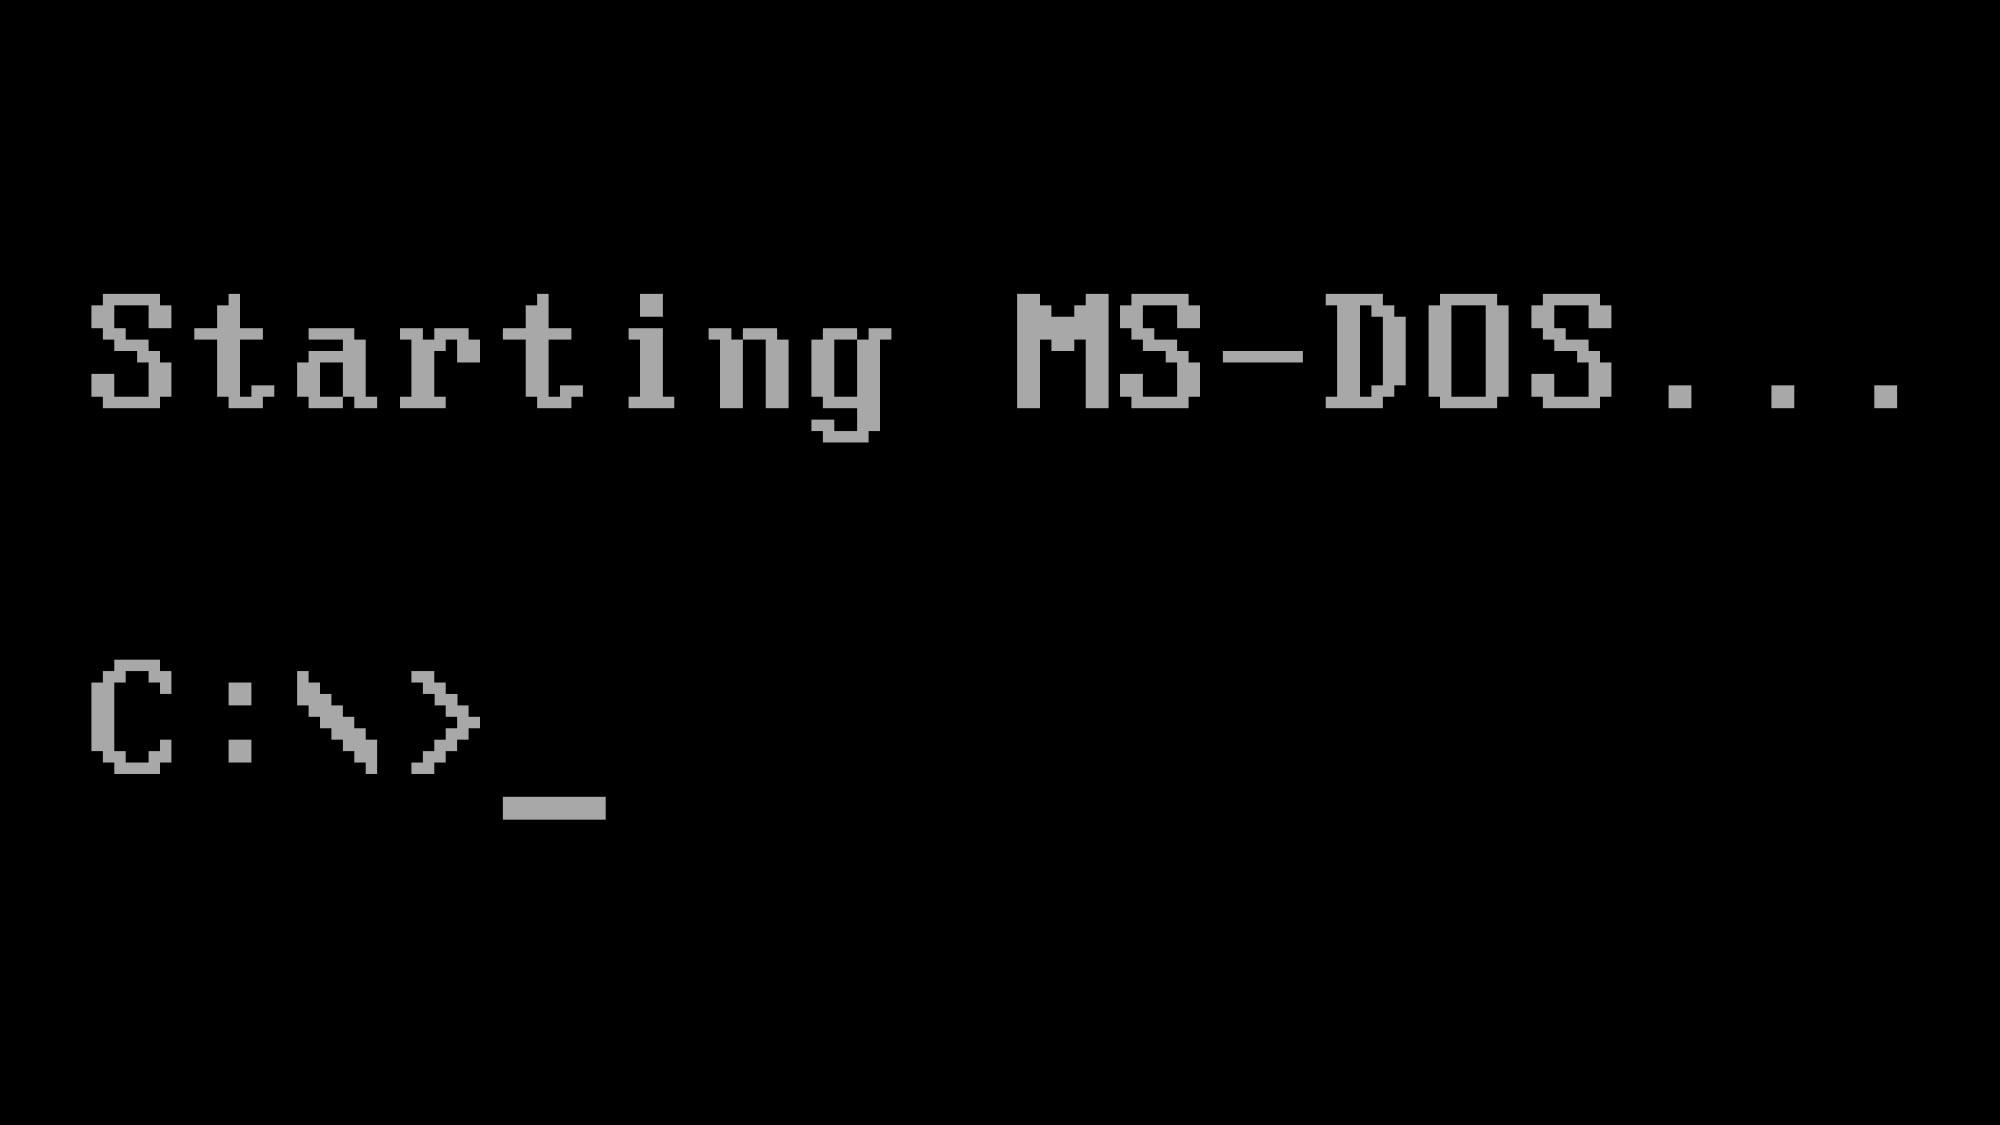 Làm thế nào để xem một tài liệu Microsoft Word từ MS-DOS